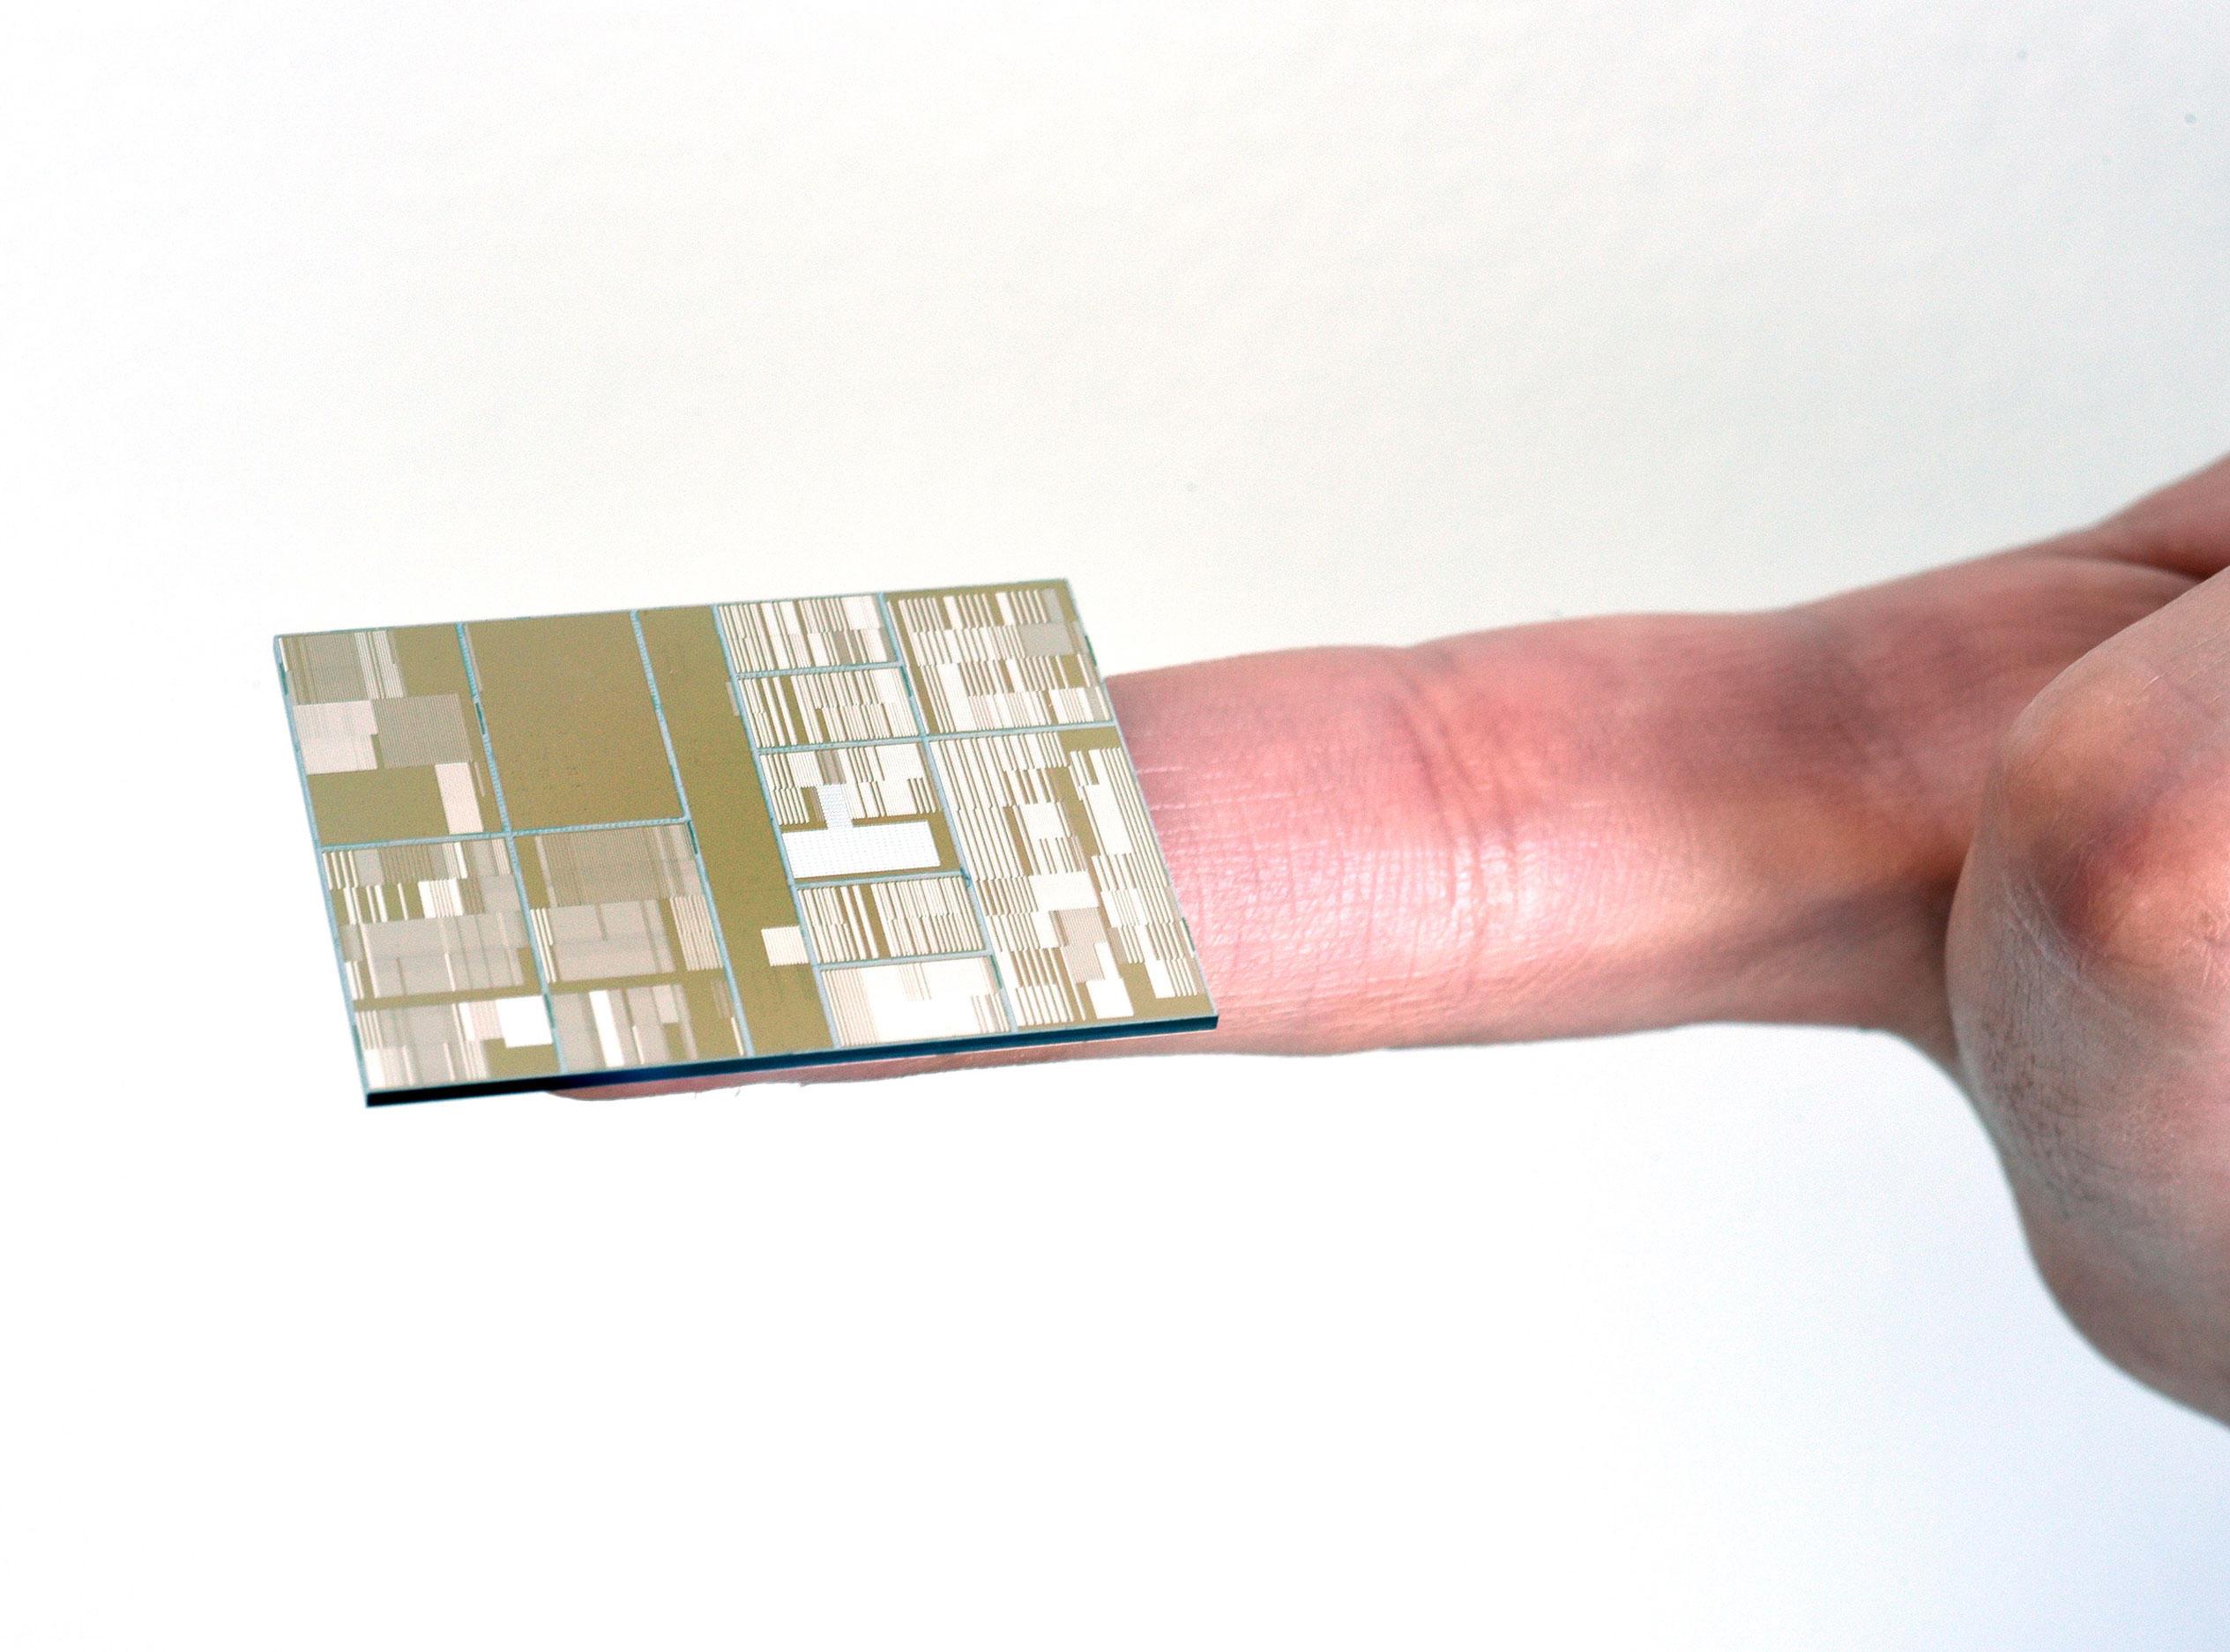 ibm-7nm-test-chip-lg 600